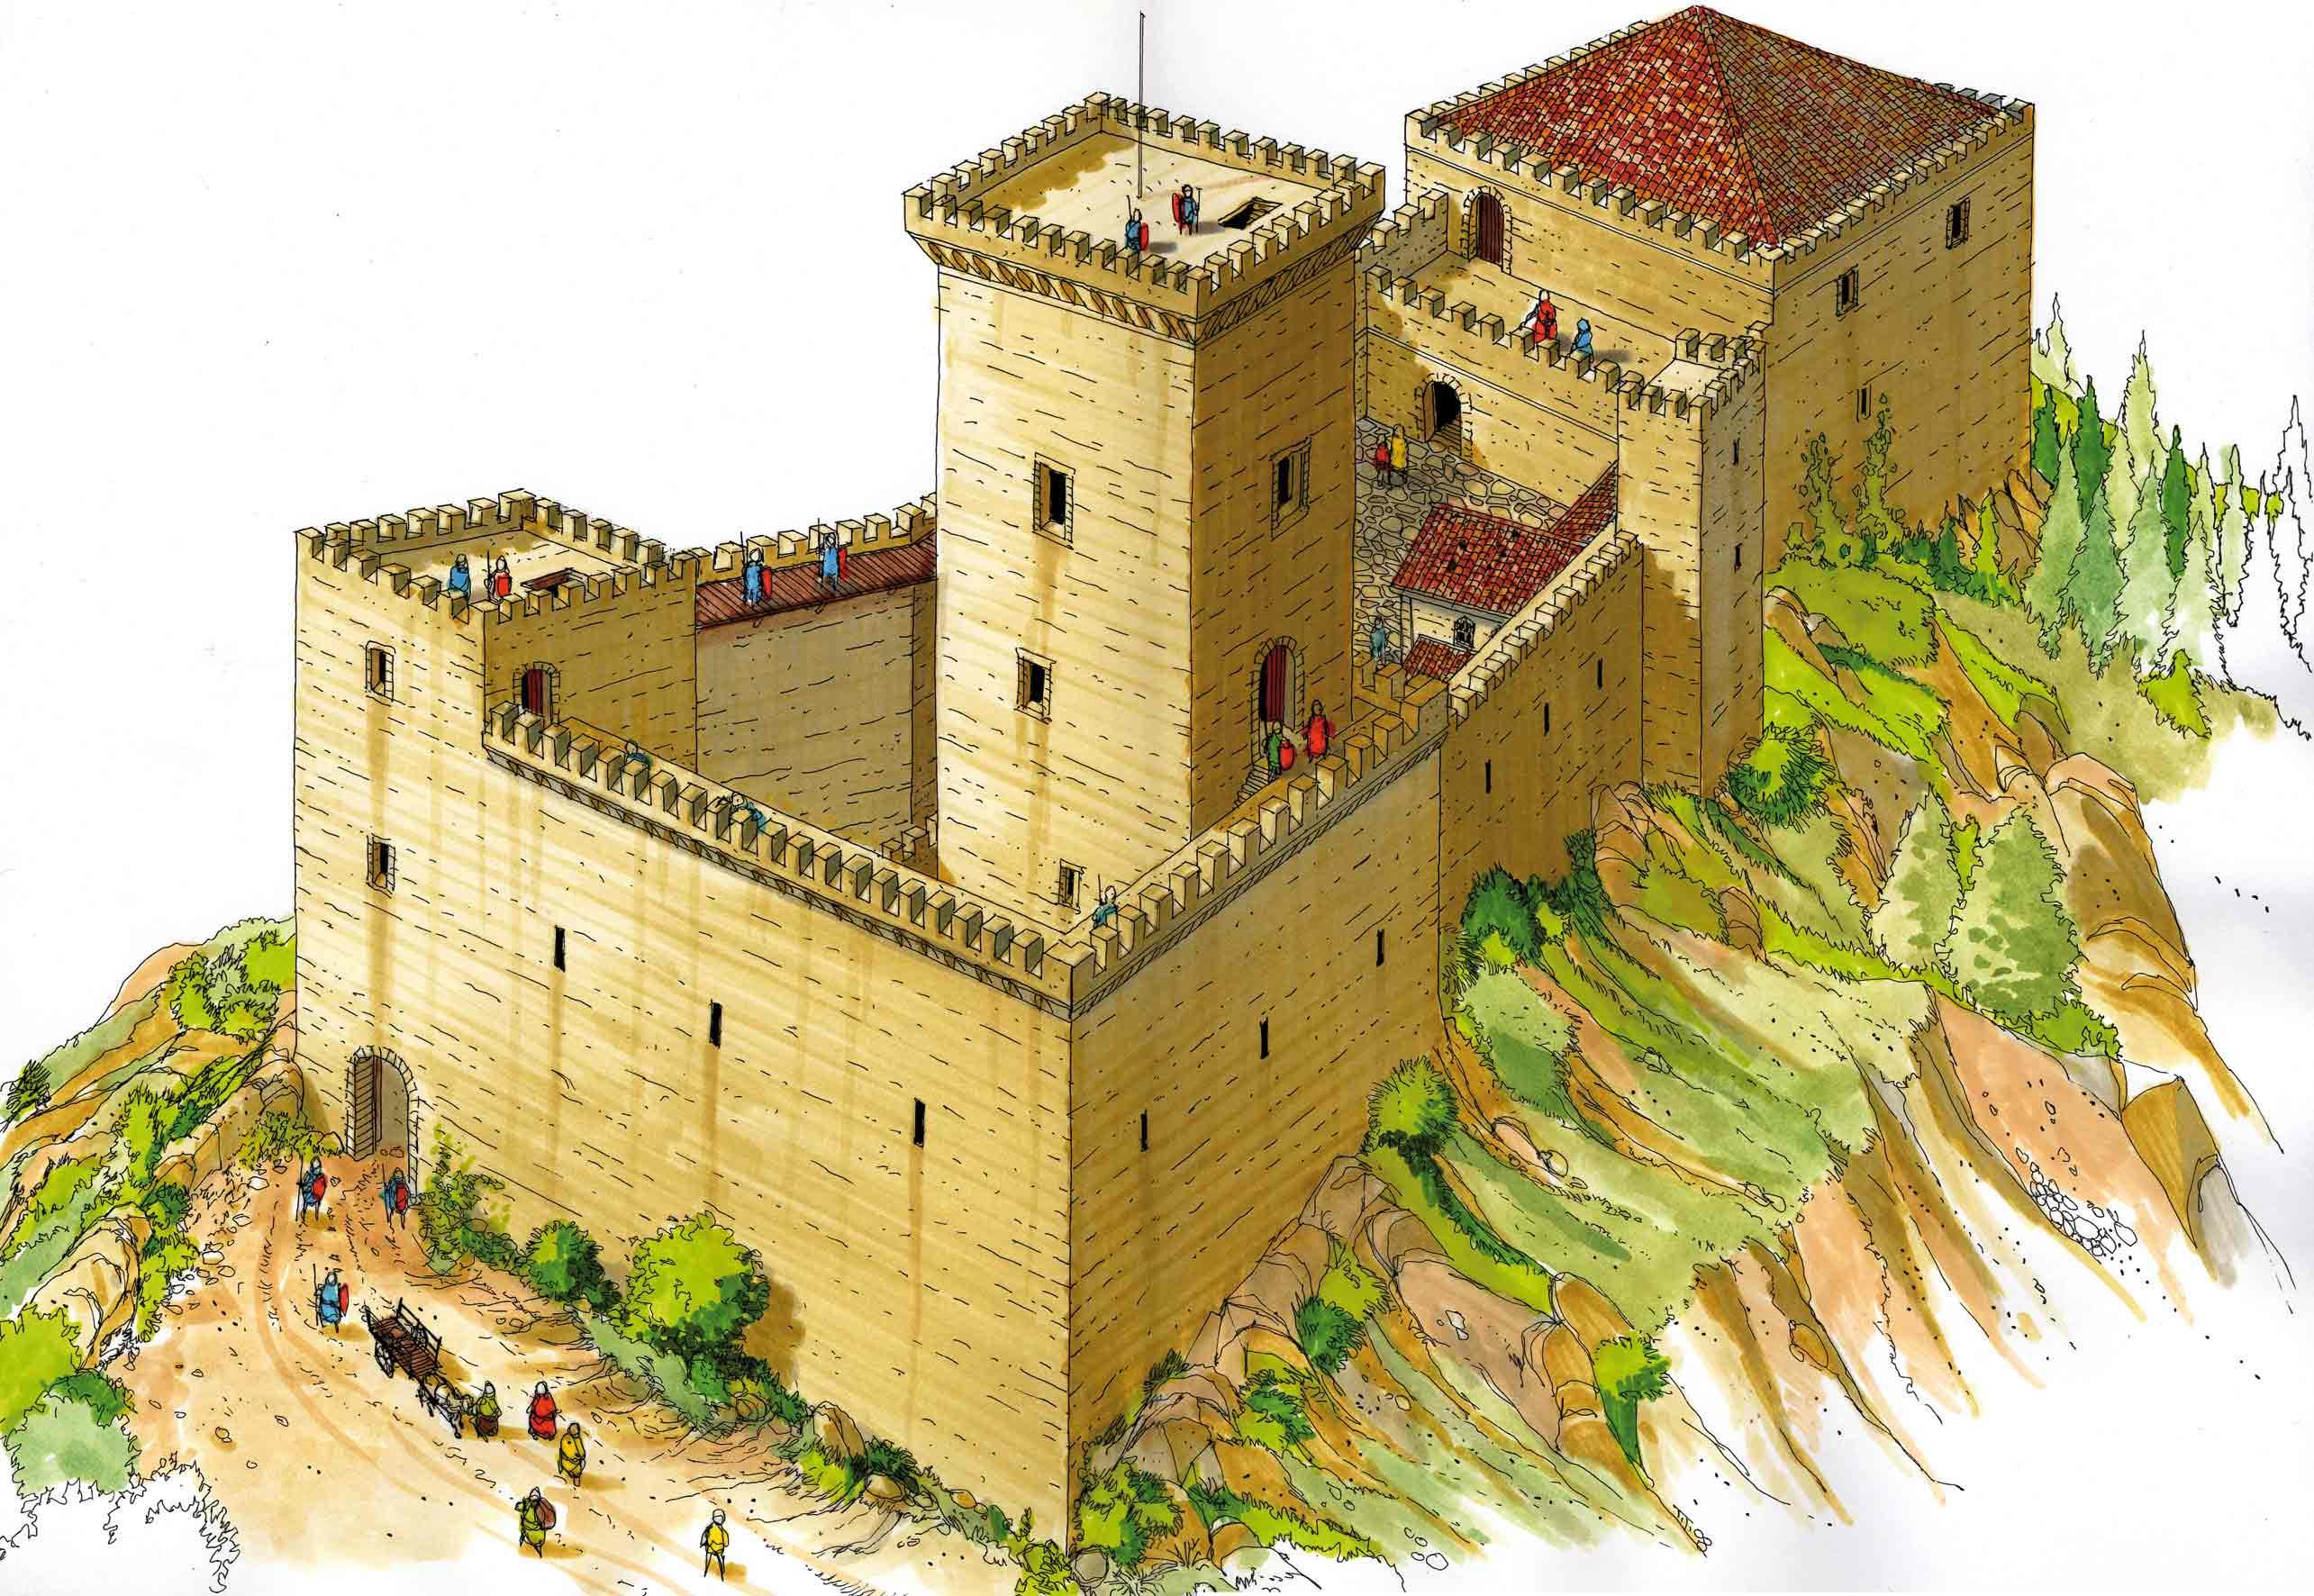 castello-di-carpineti-ricostruito-dal-disegnatore-Tiziano-Dorta